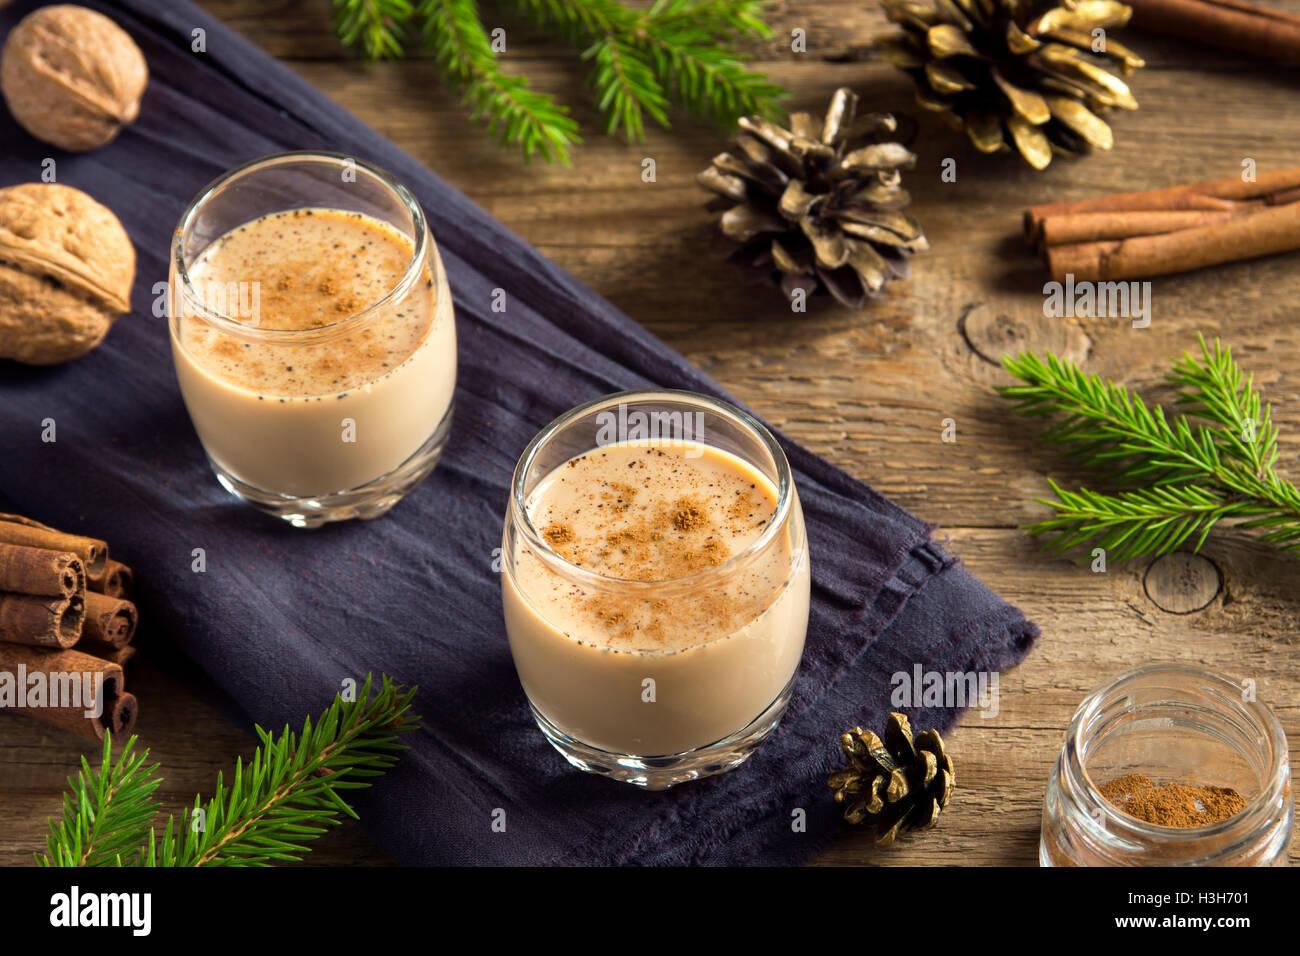 Lait de poule à la cannelle dans des verres sur fond rustique en bois avec décoration de Noël fait Photo Stock